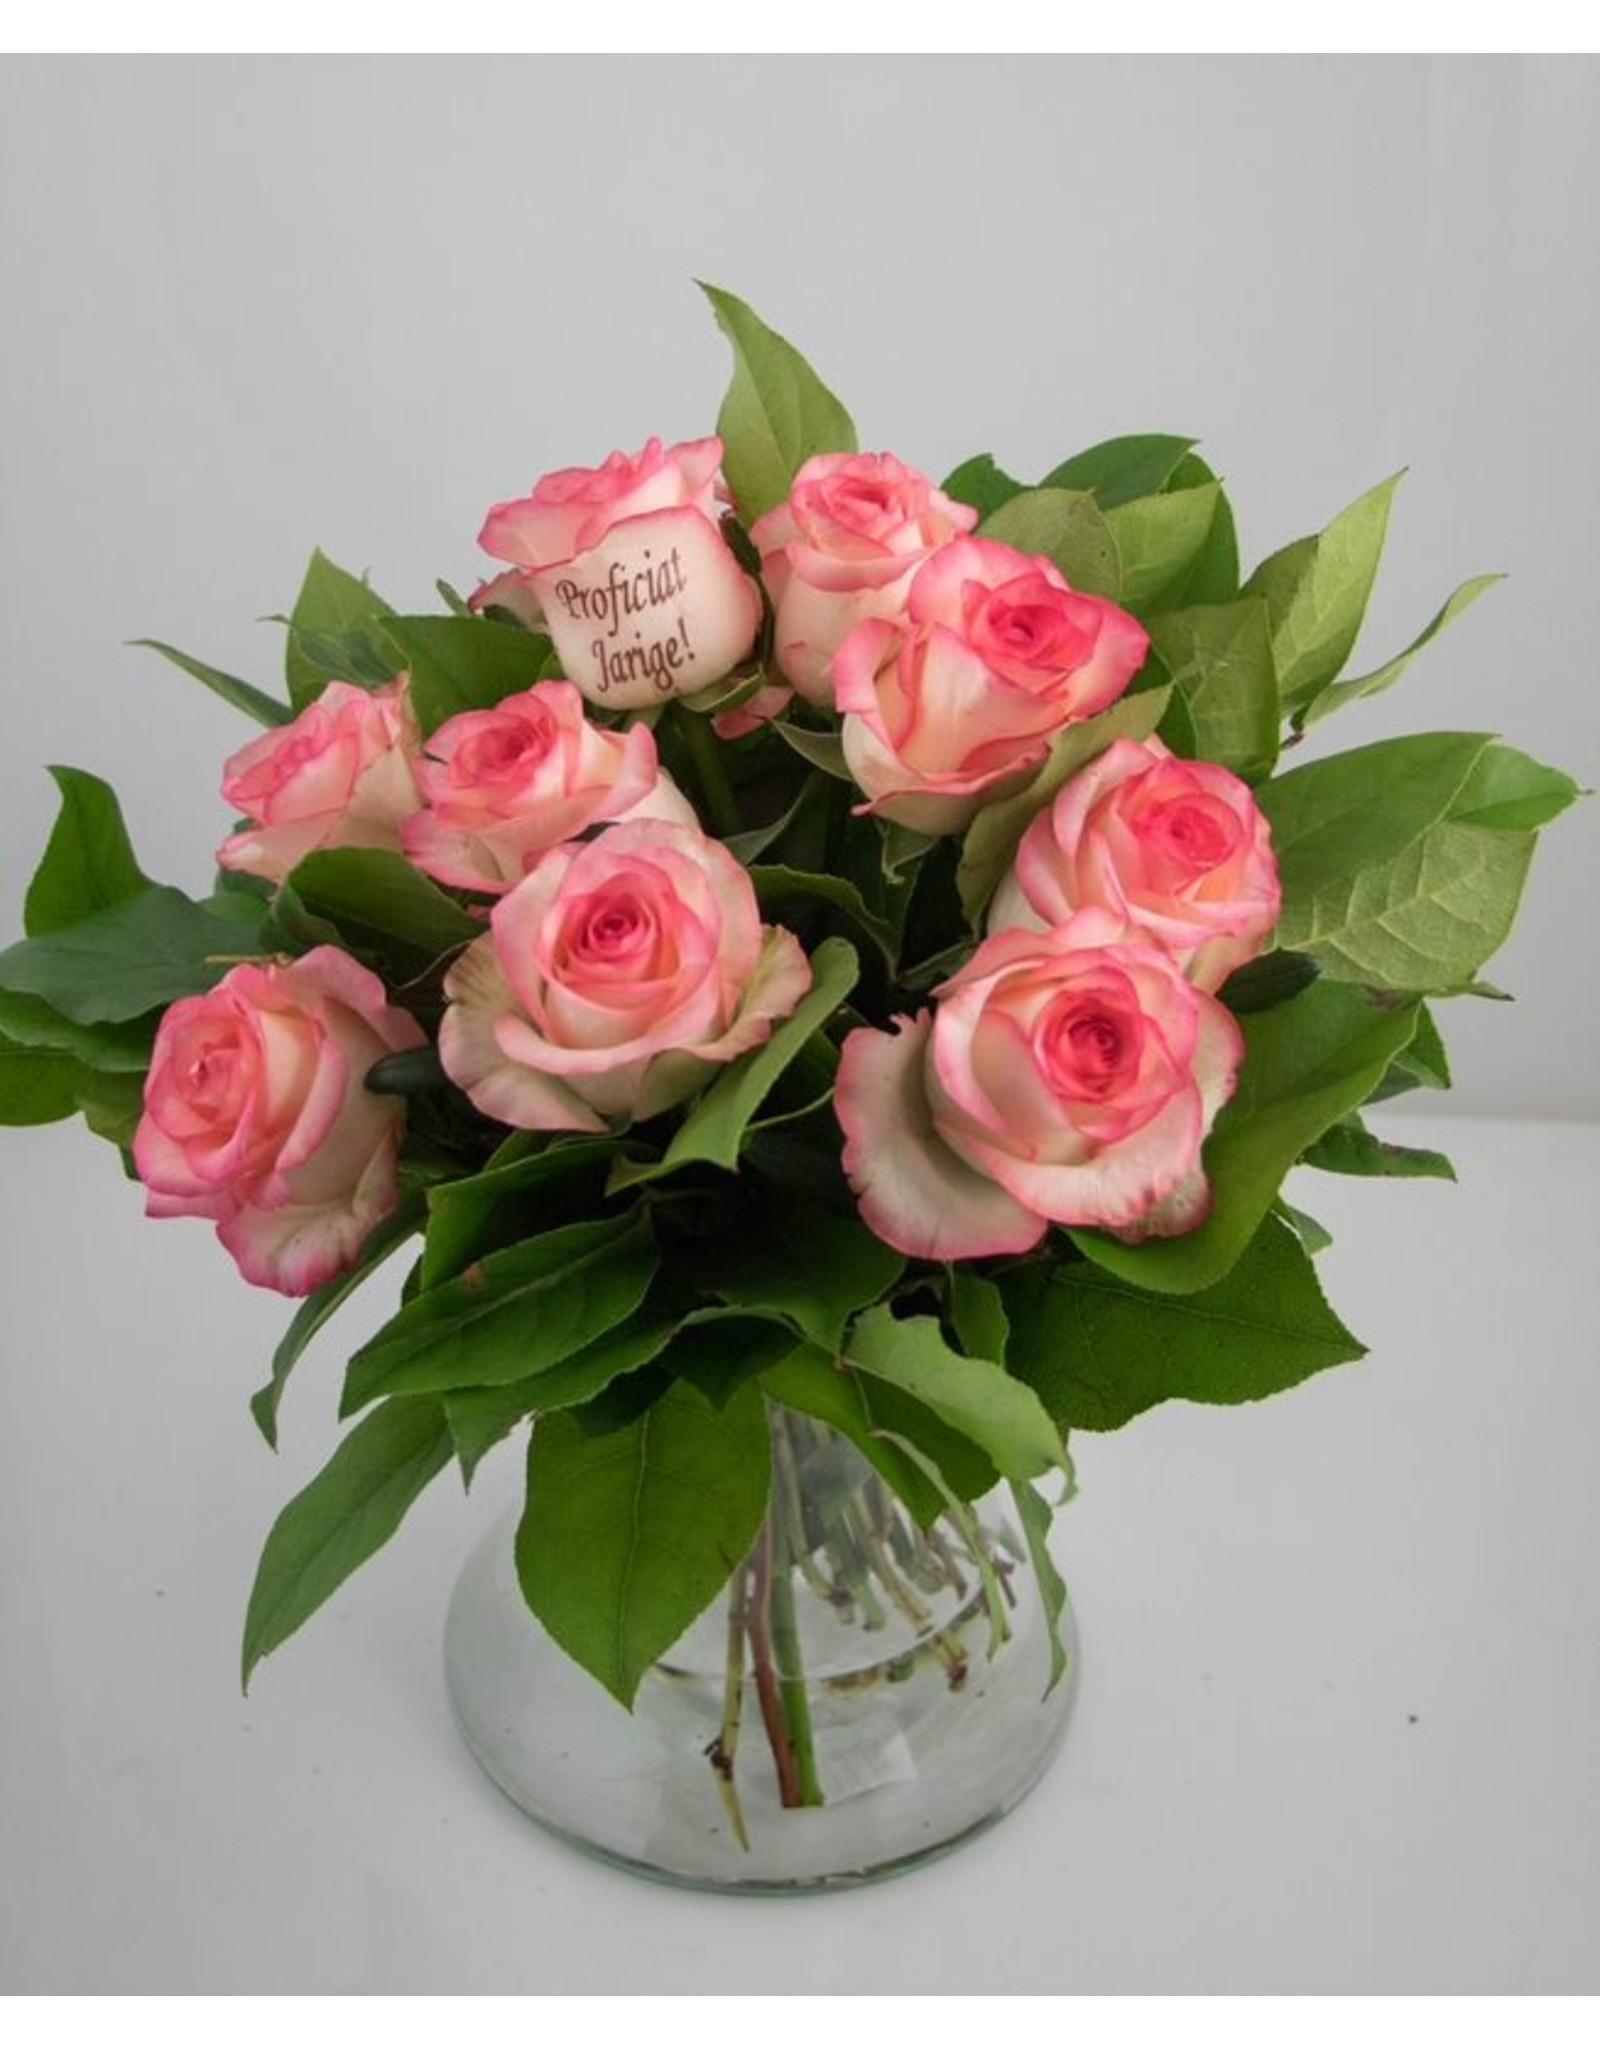 Magic Flowers Boeket 9 rozen - Wit/Roze - Proficiat Jarige